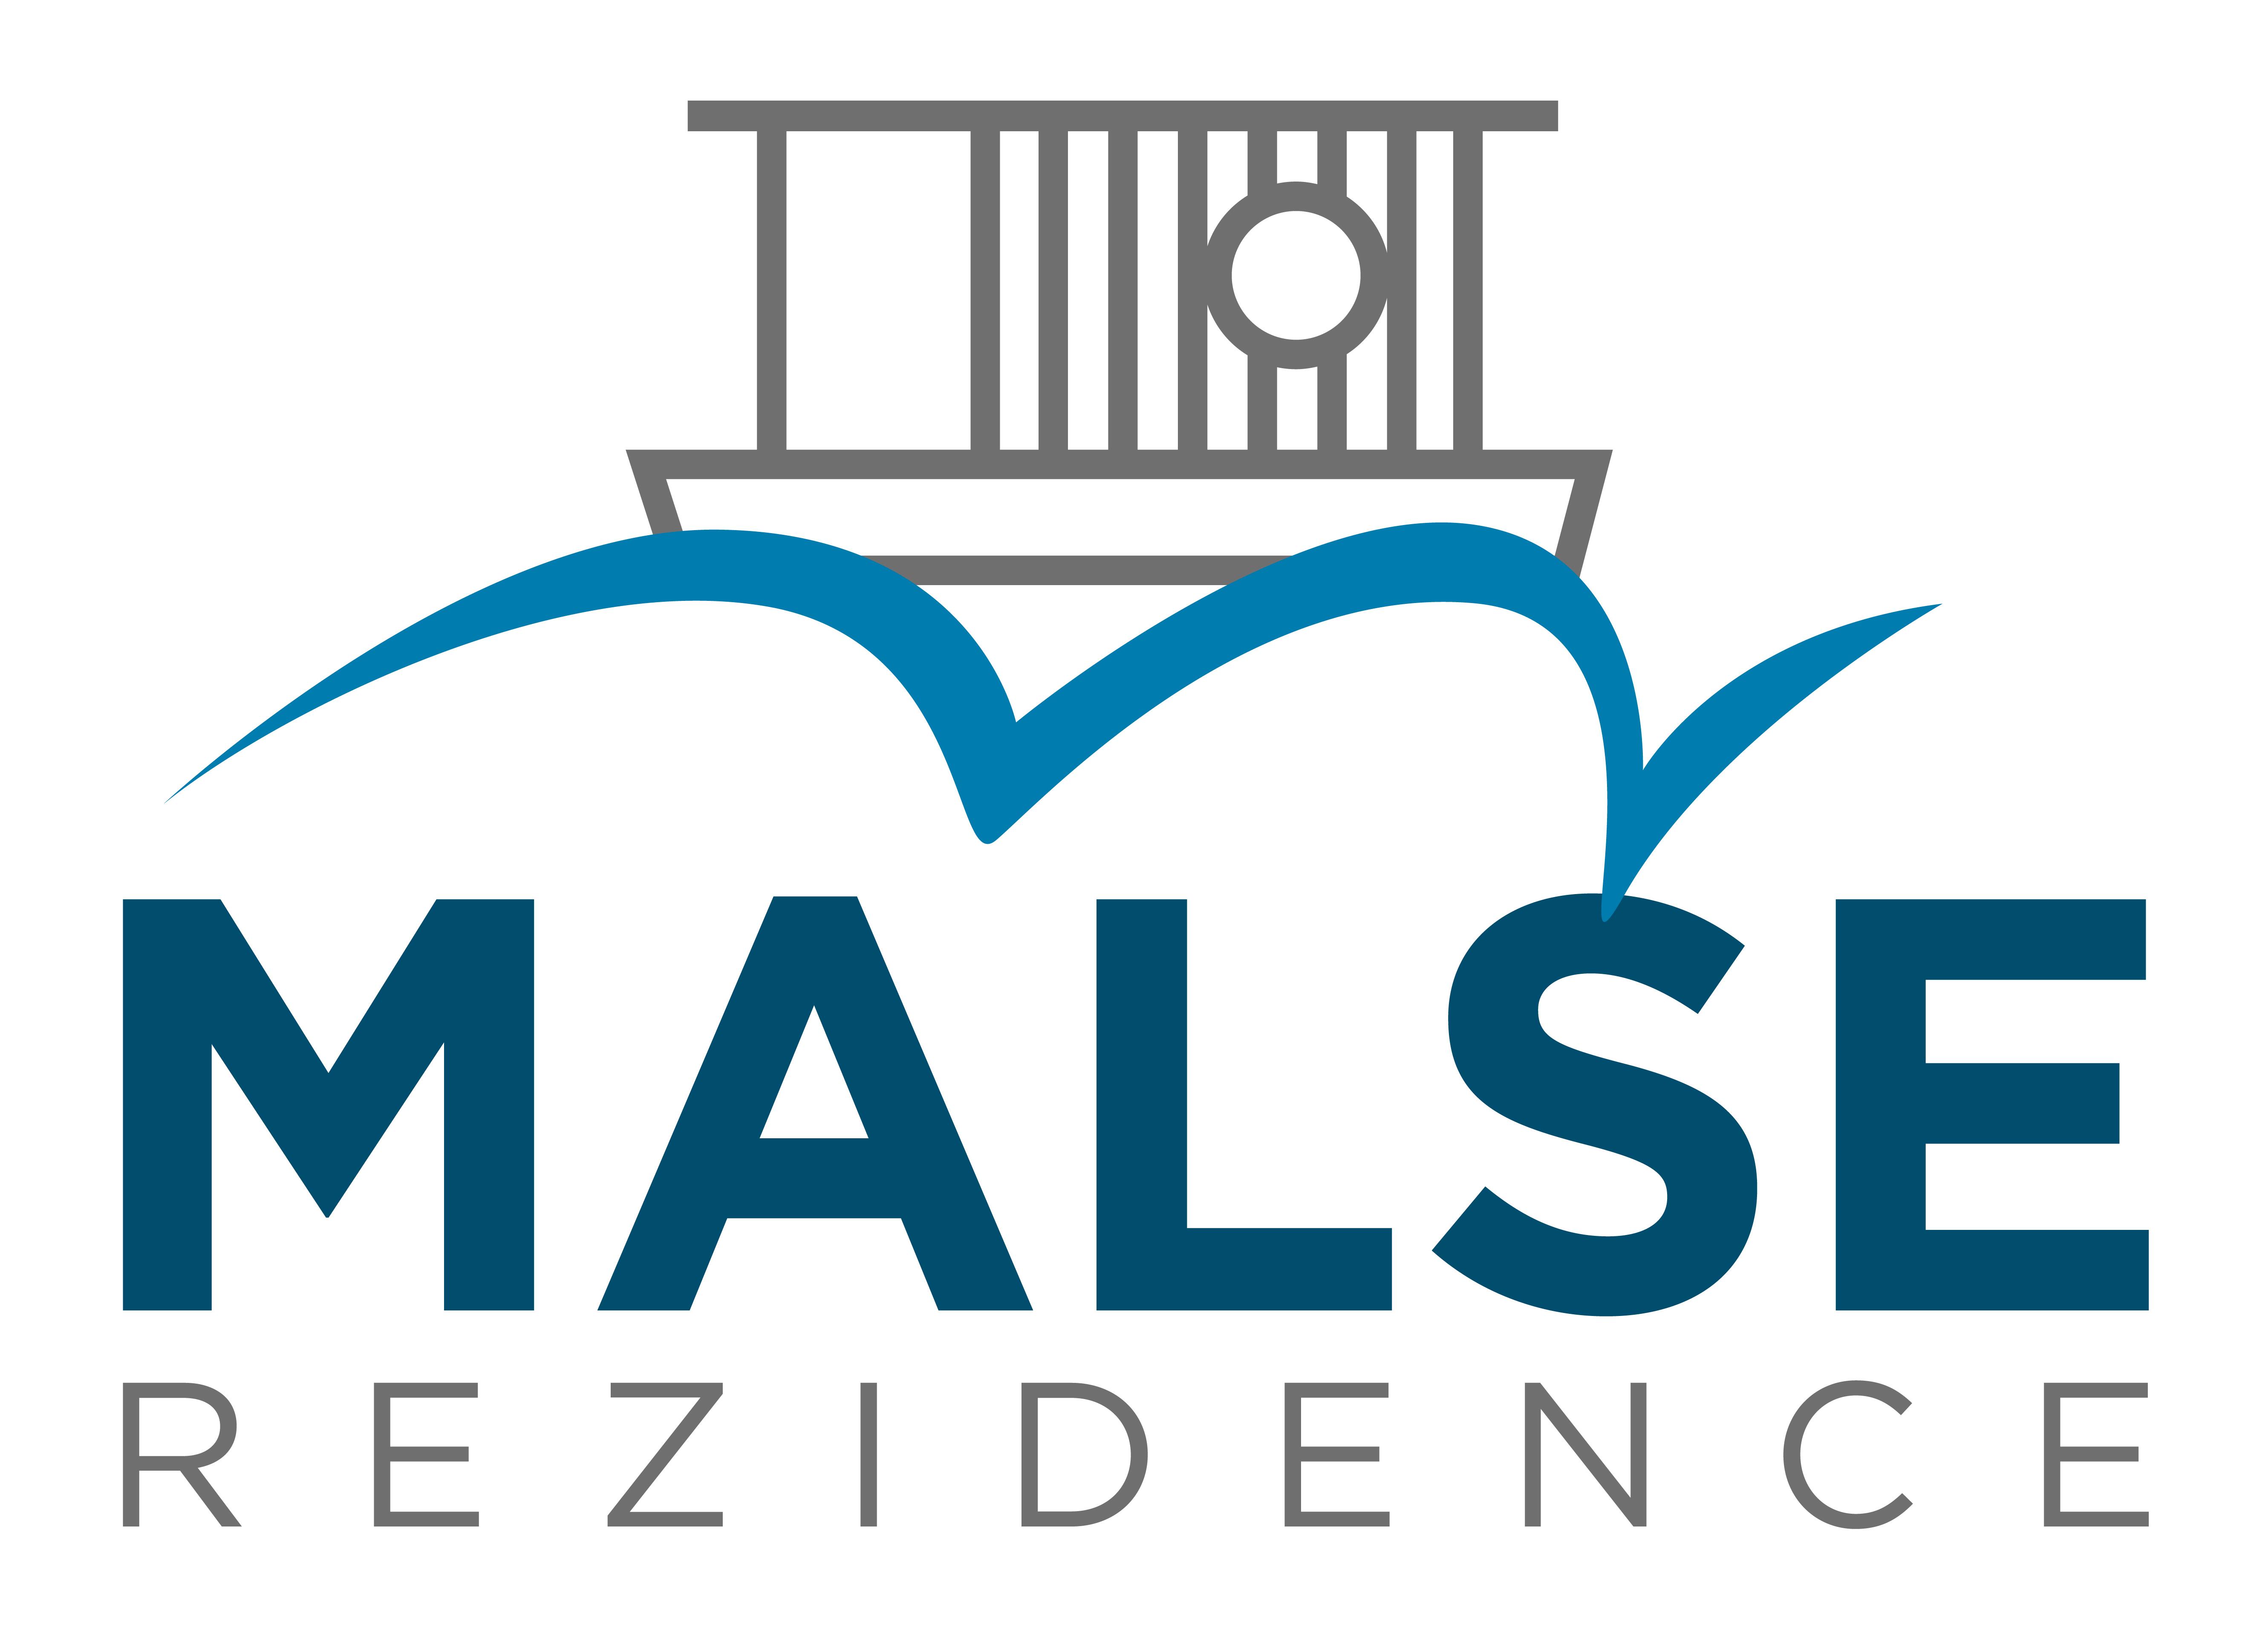 Rezidence Malše - Unikátní ubytování v Českých Budějovicích